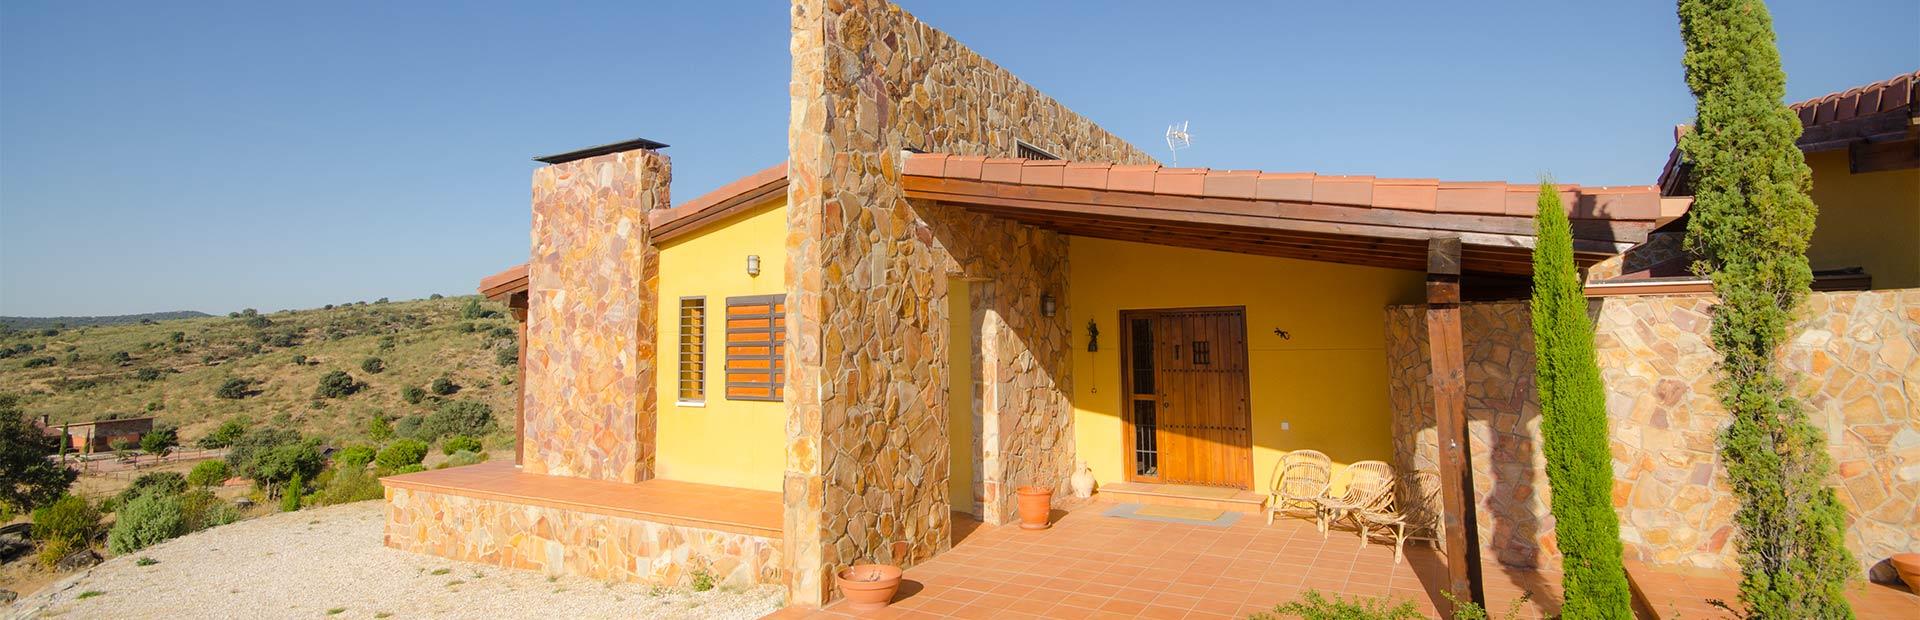 casa prefabricada piedra y mortero